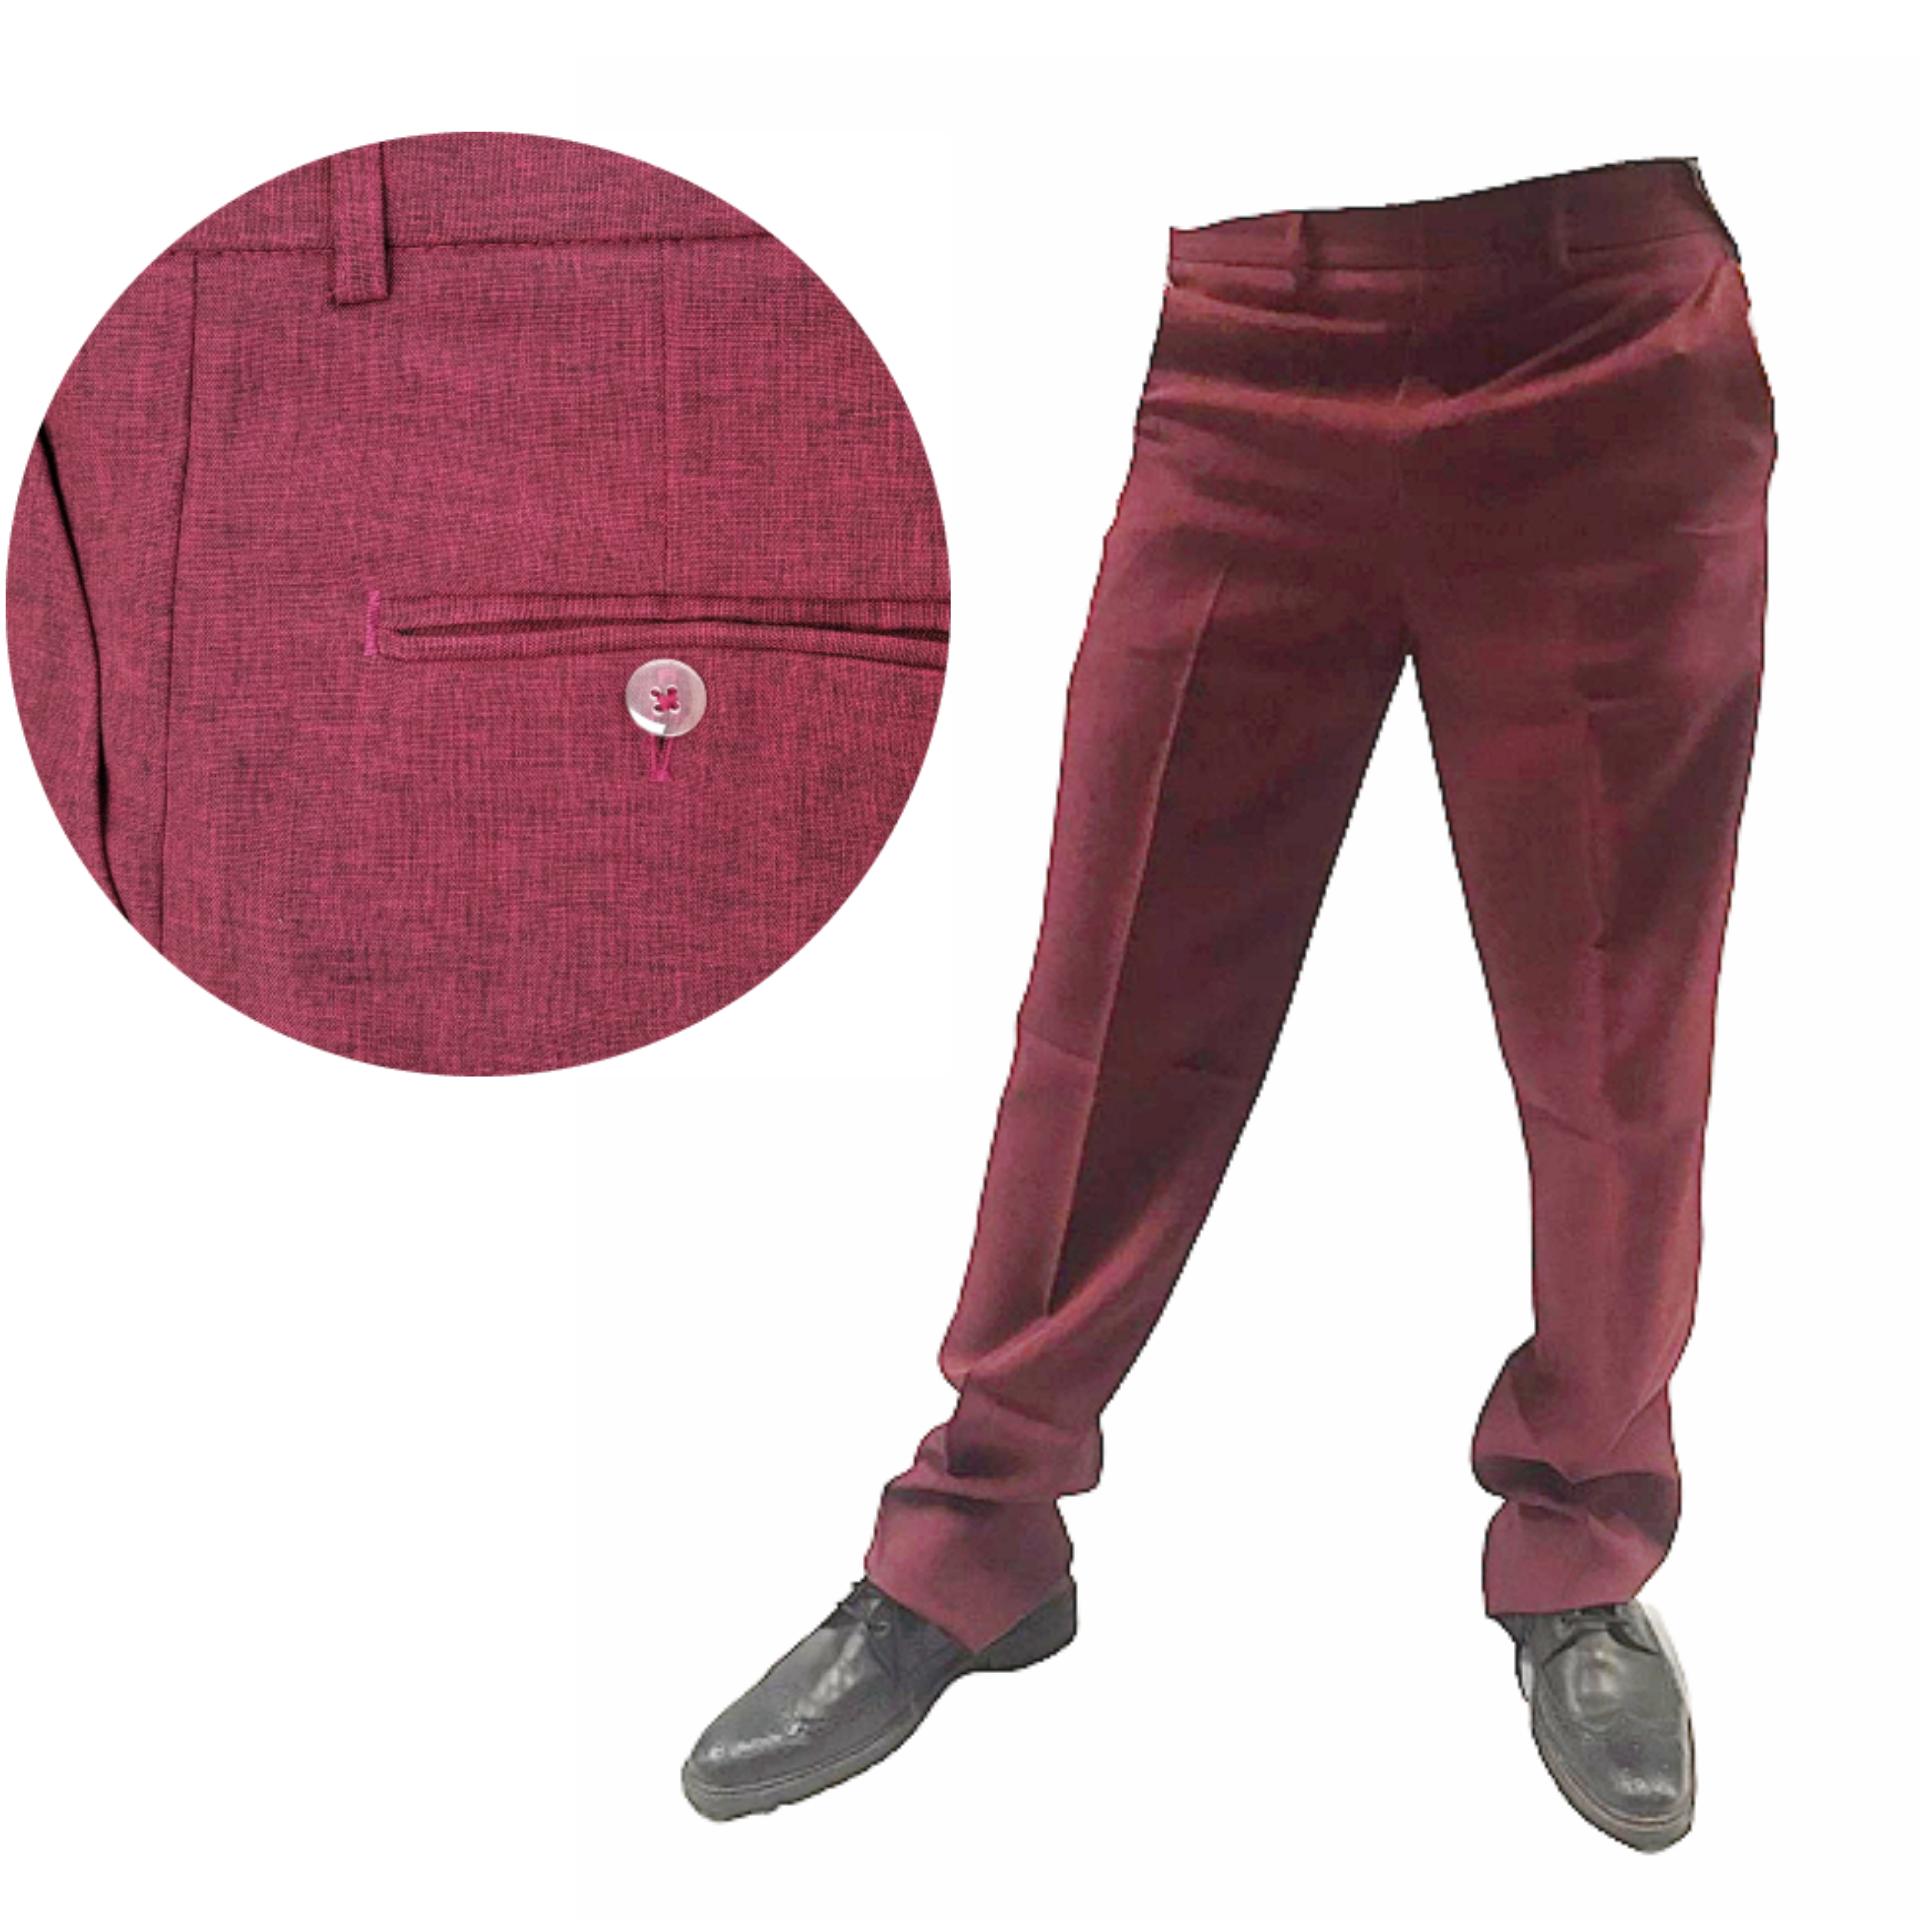 calça social marsala